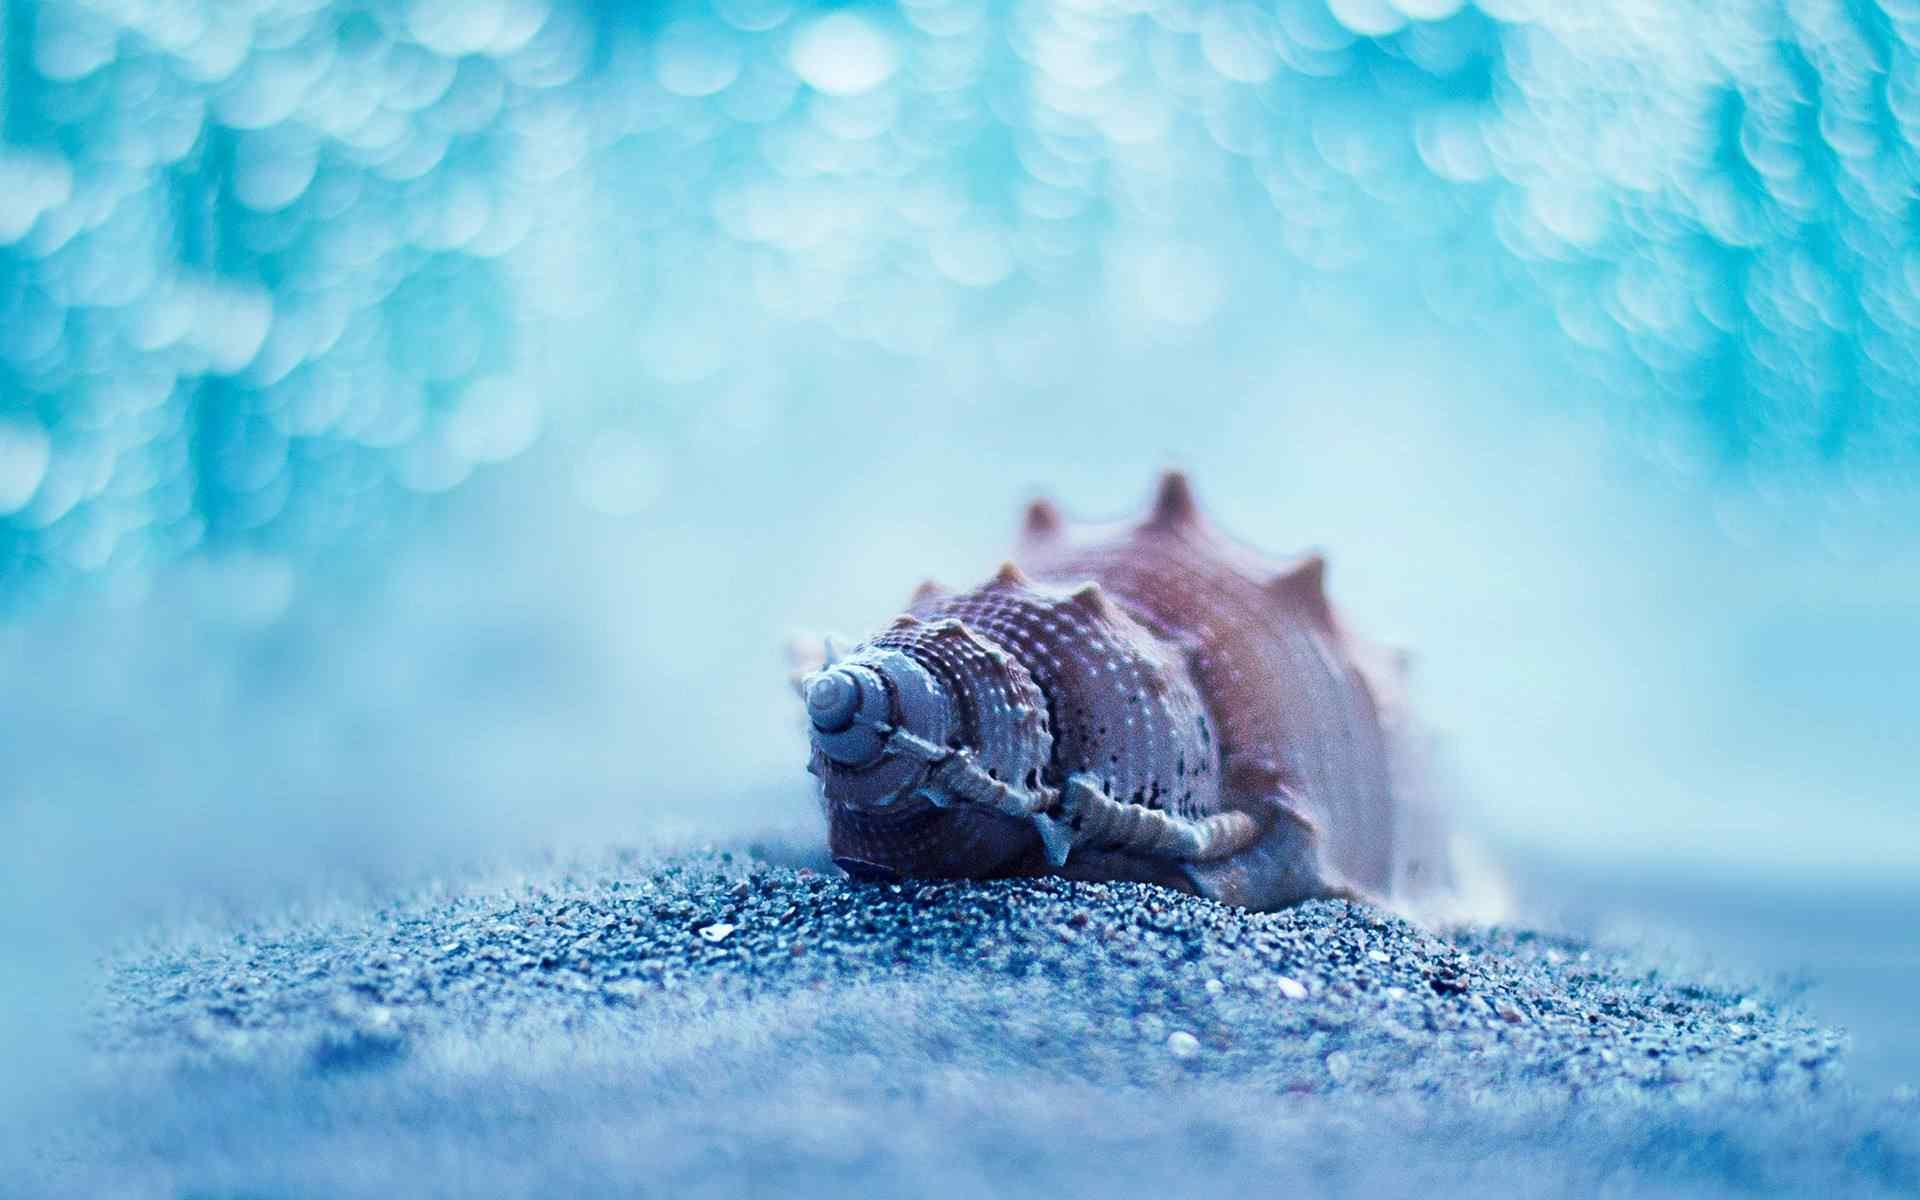 唯美蓝色沙滩贝壳桌面壁纸